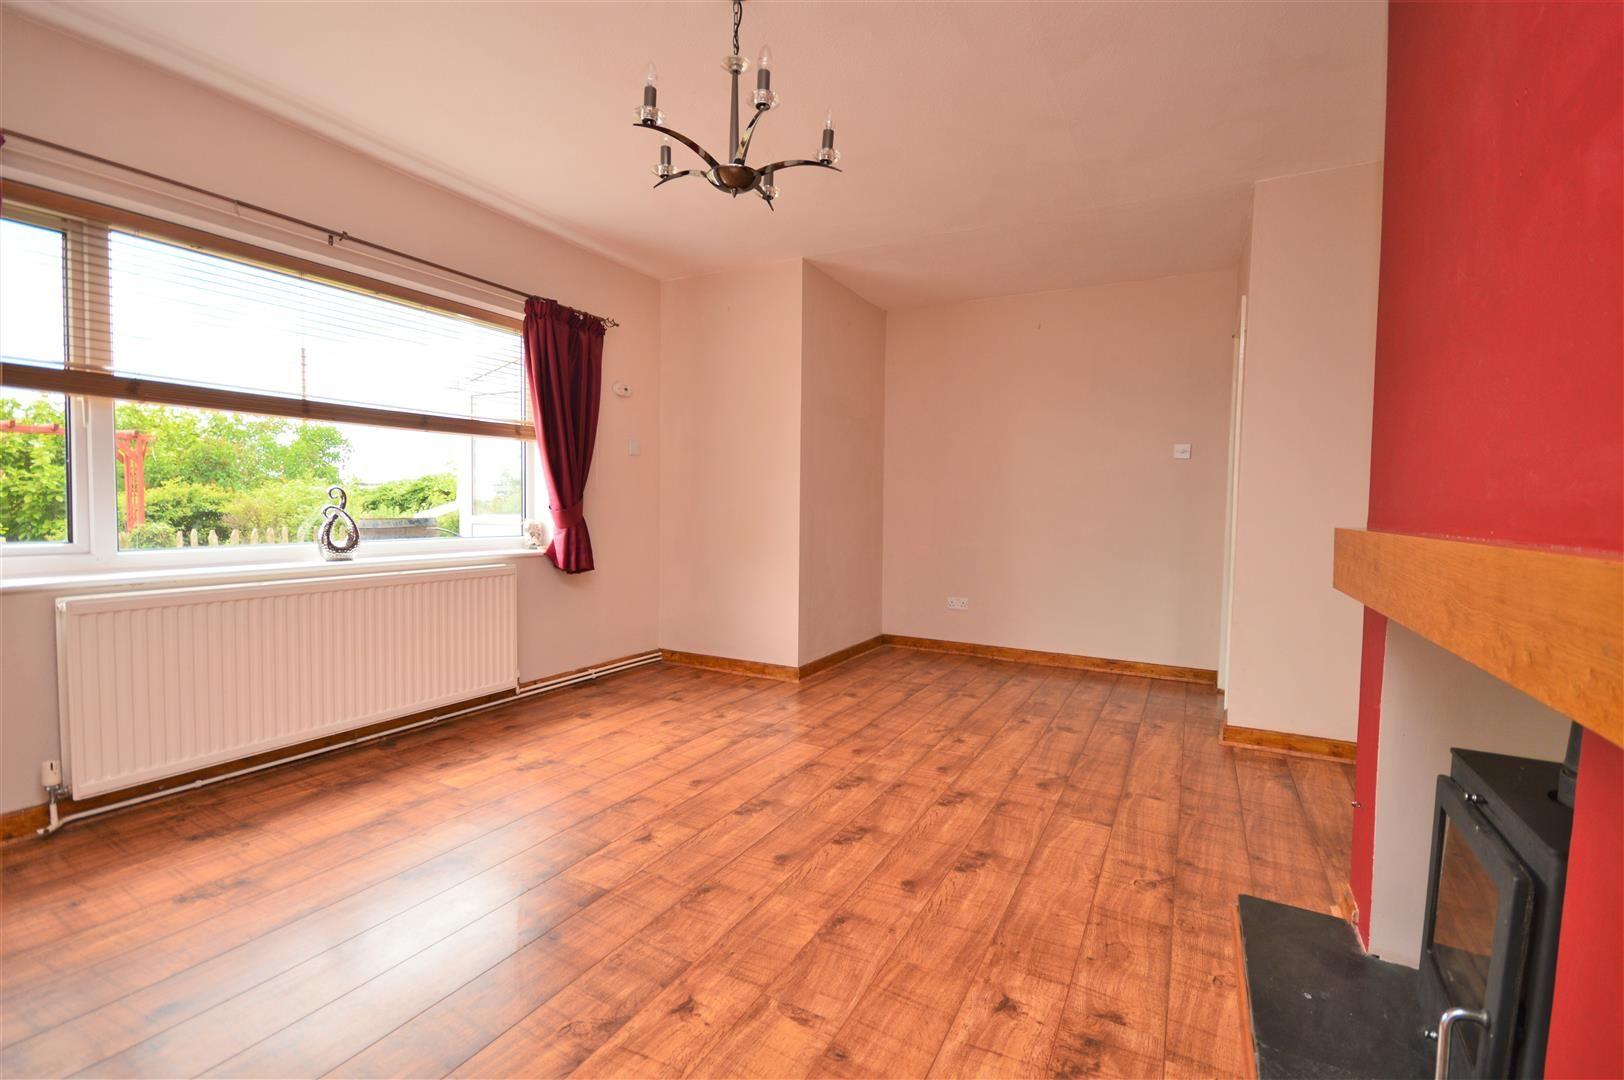 4 bed detached for sale in Tillington  - Property Image 10